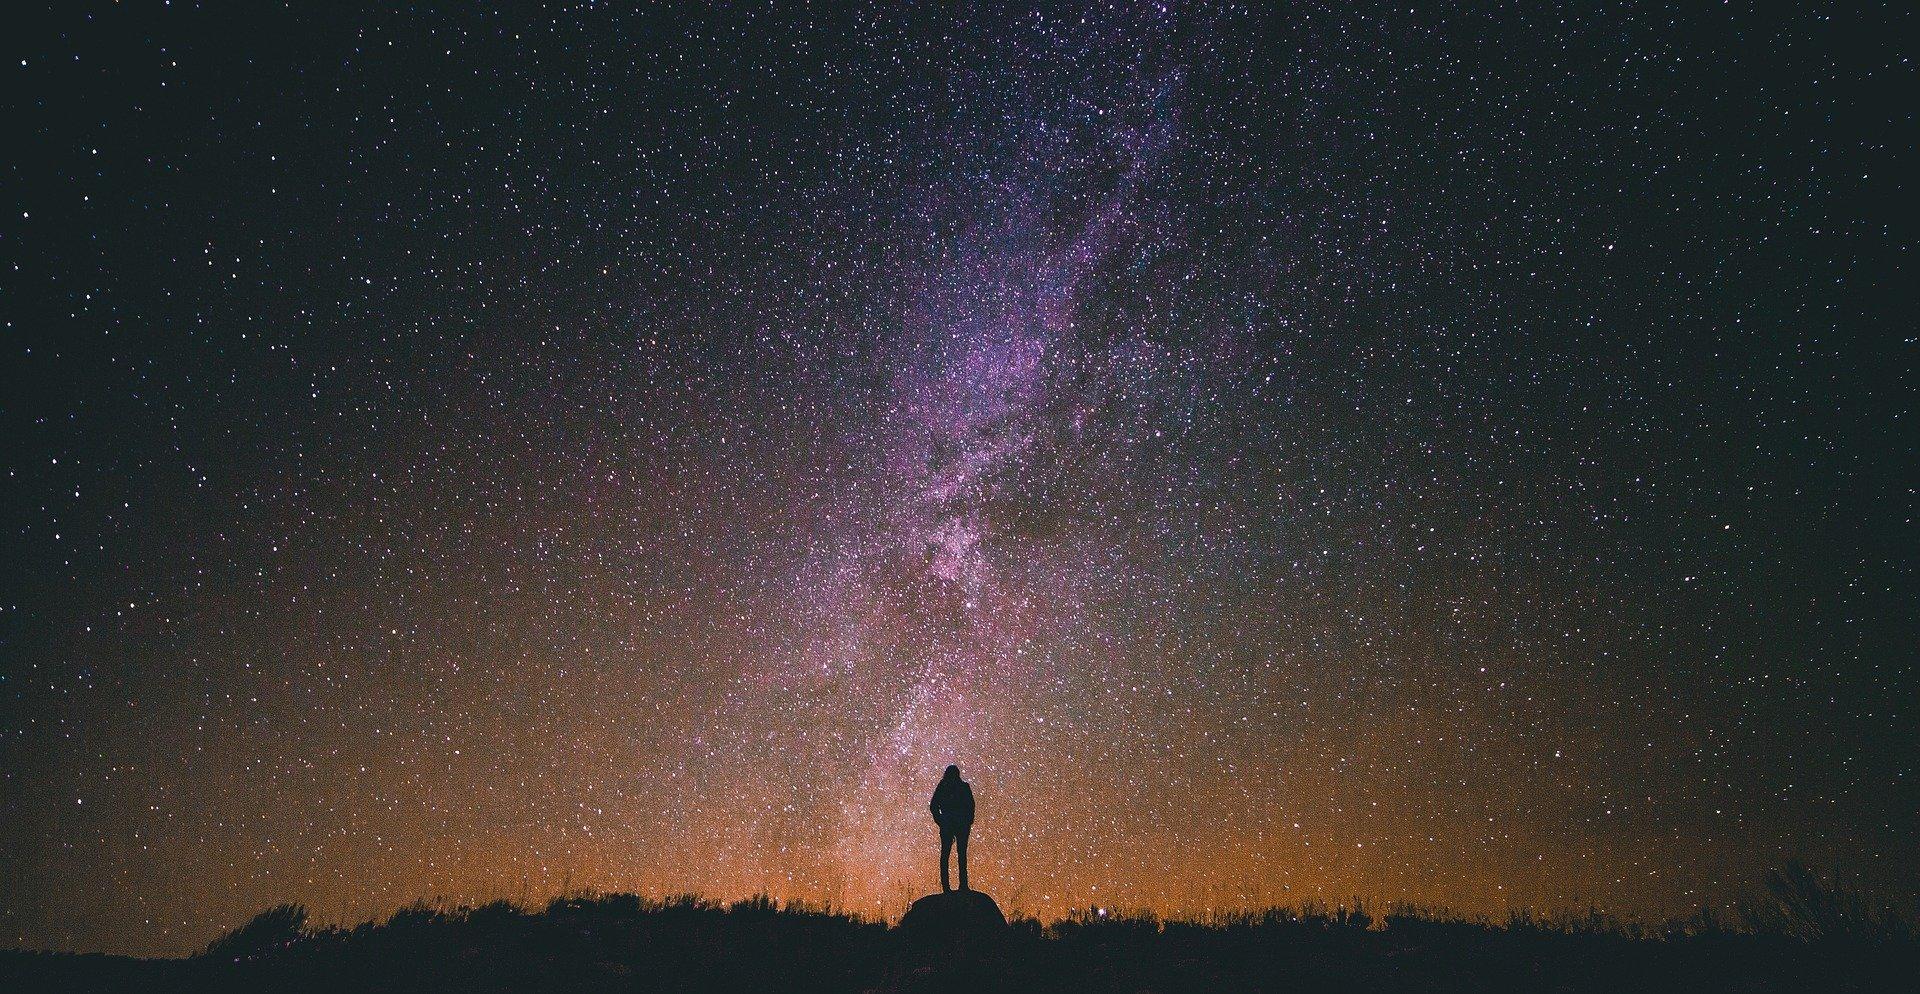 Aimez-vous regarder les étoiles ?